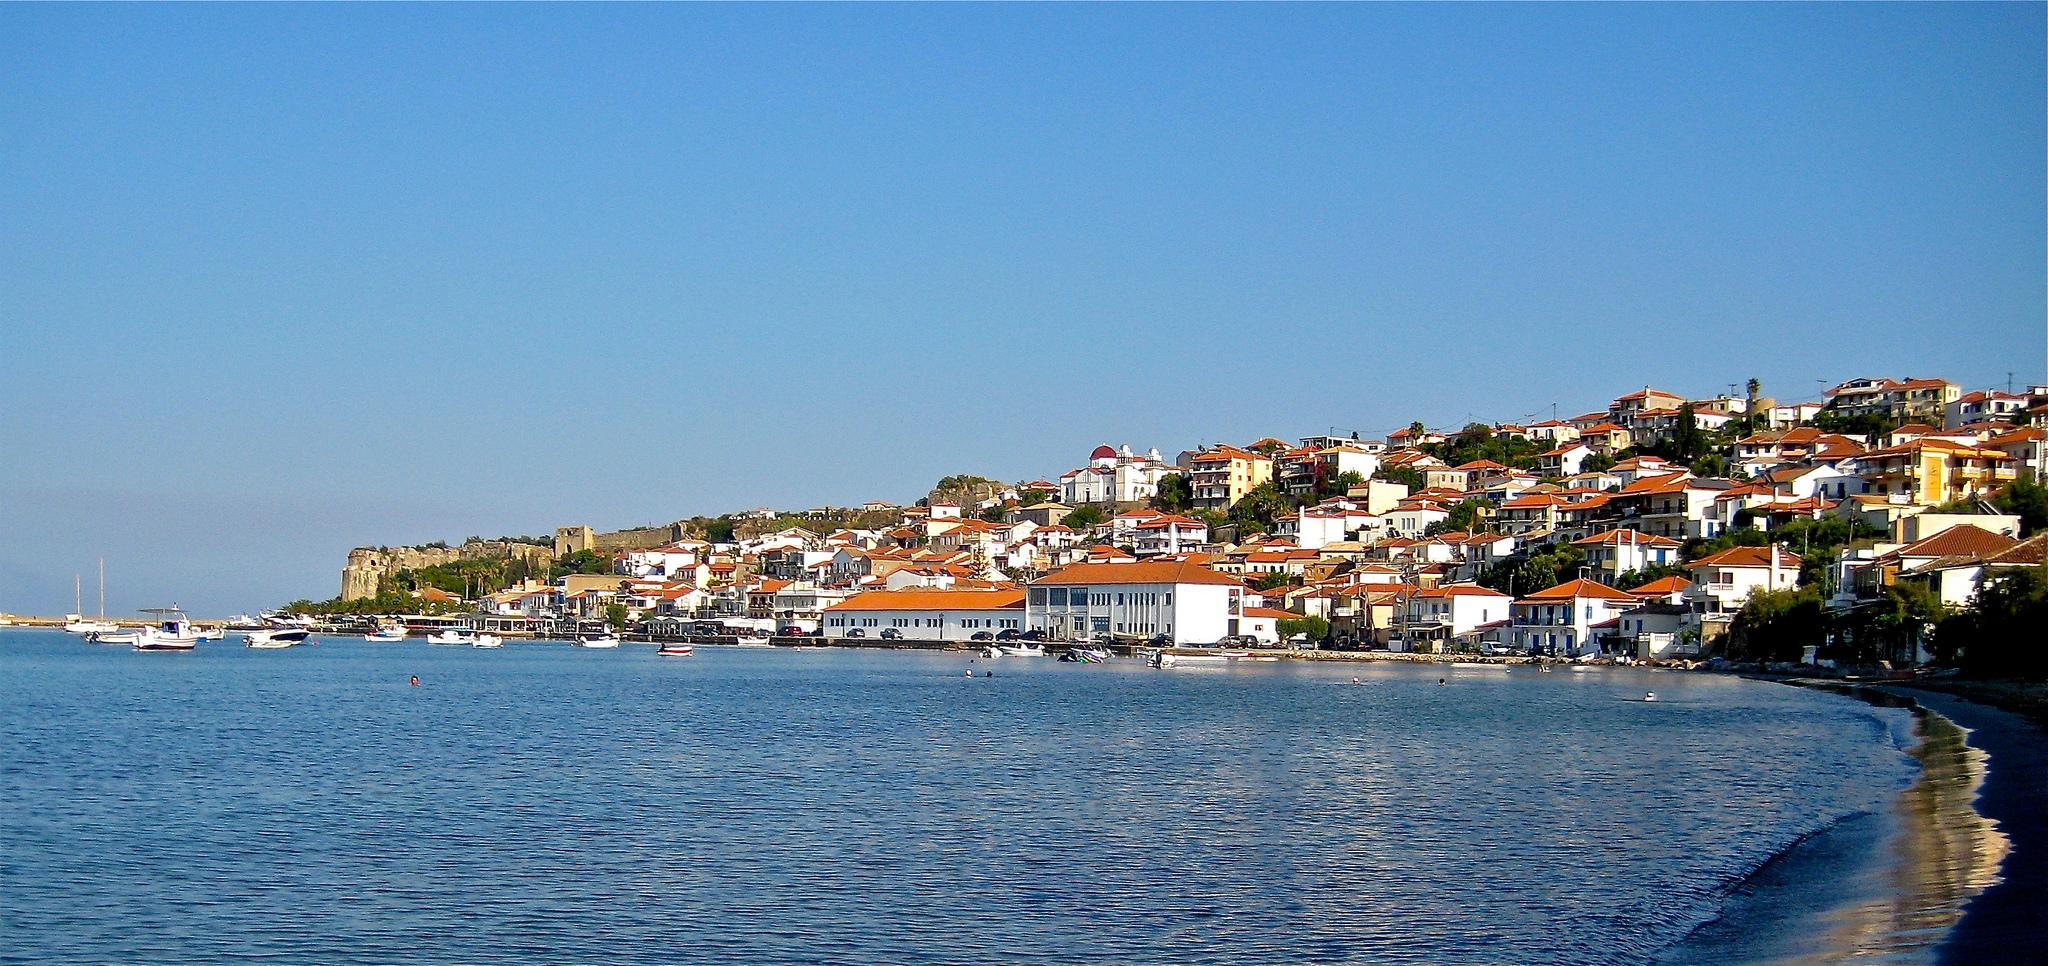 Peloponneese